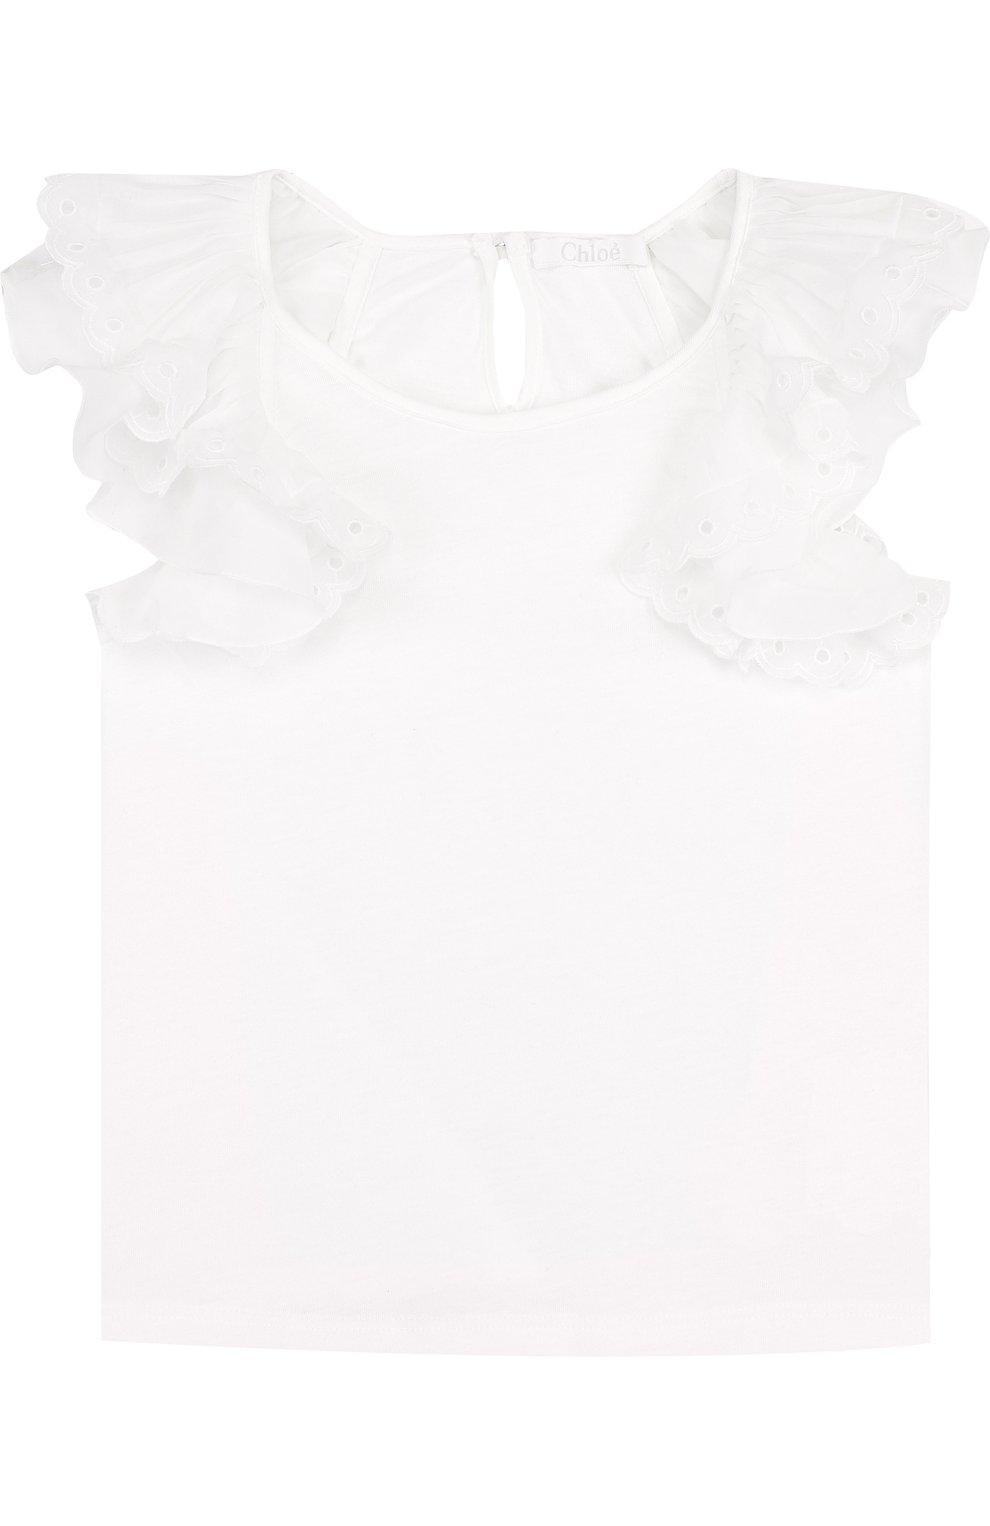 Детский топ джерси с кружевными оборками CHLOÉ белого цвета, арт. C15668/14A | Фото 1